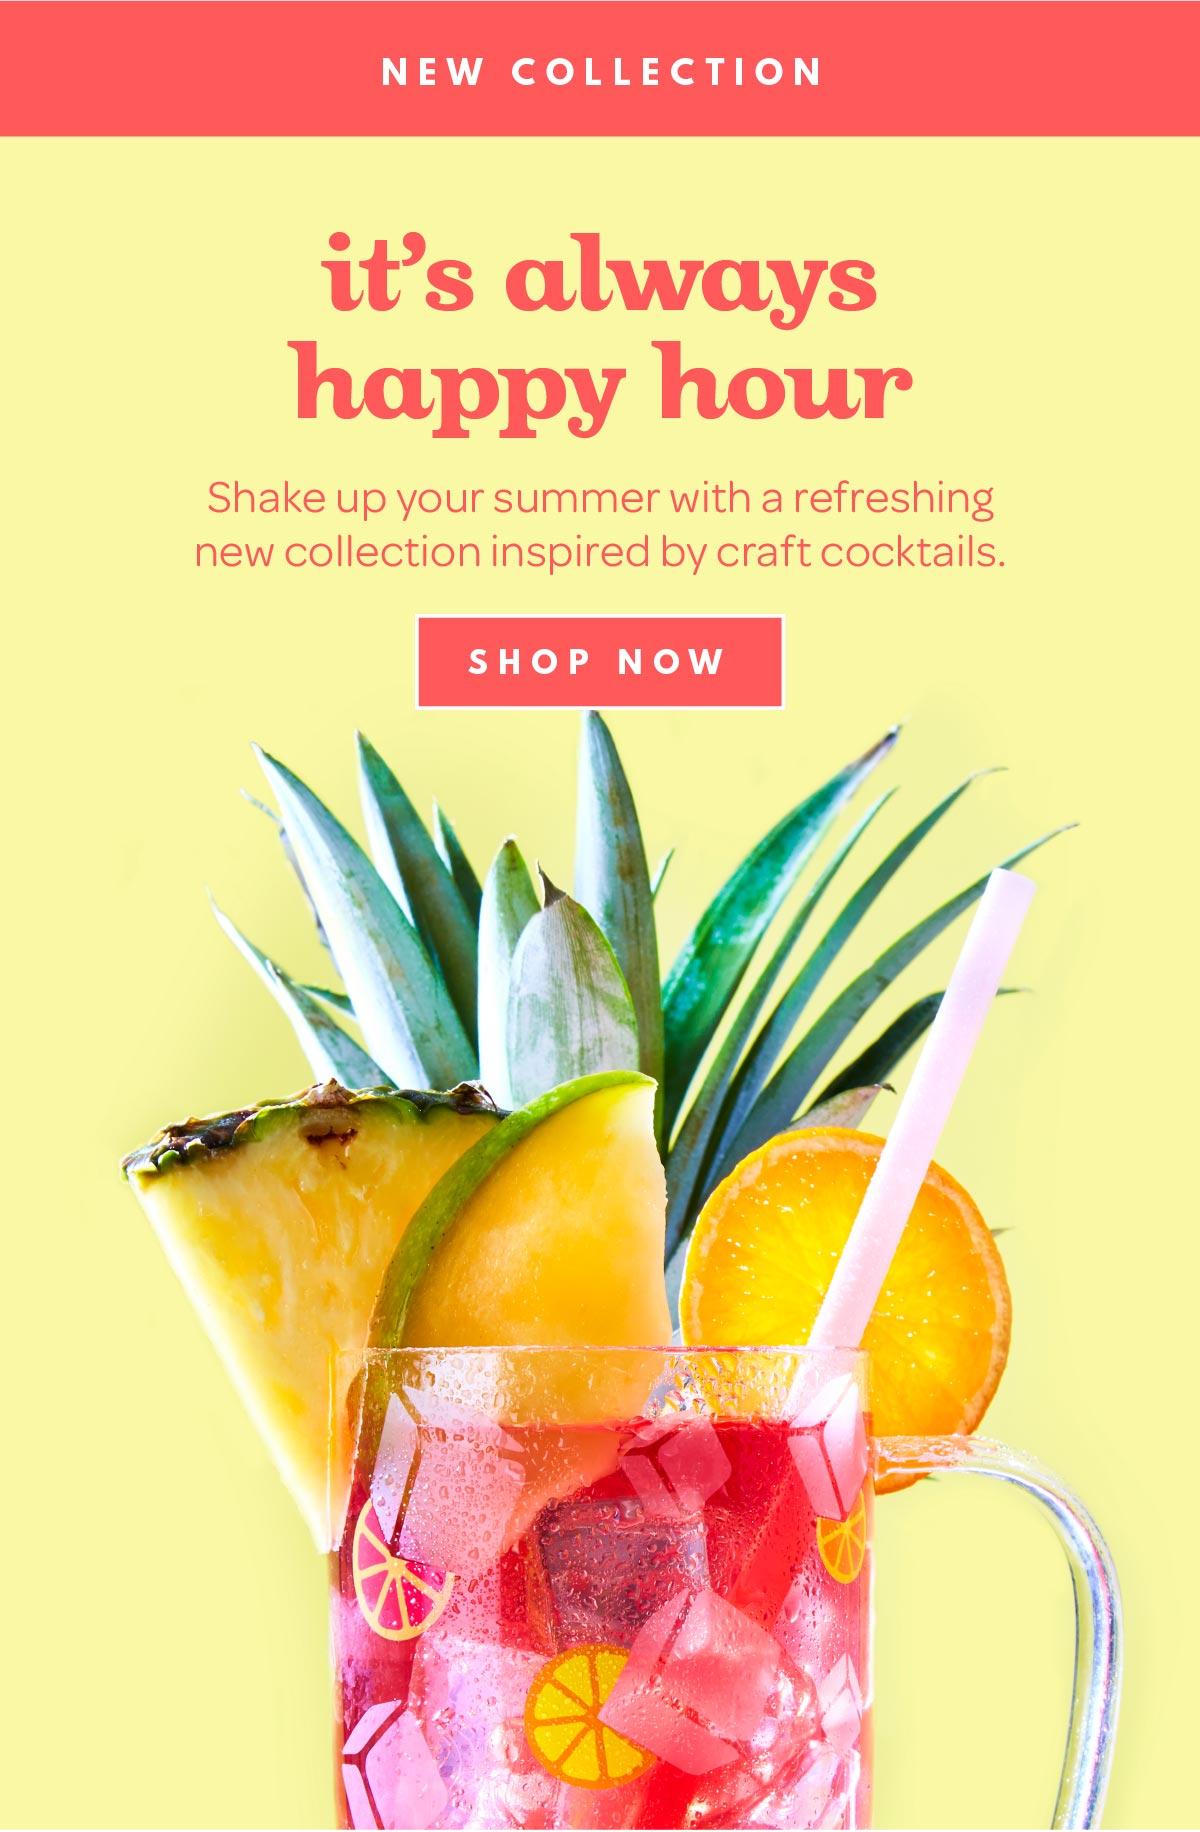 It's always happy hour - SHOP NOW